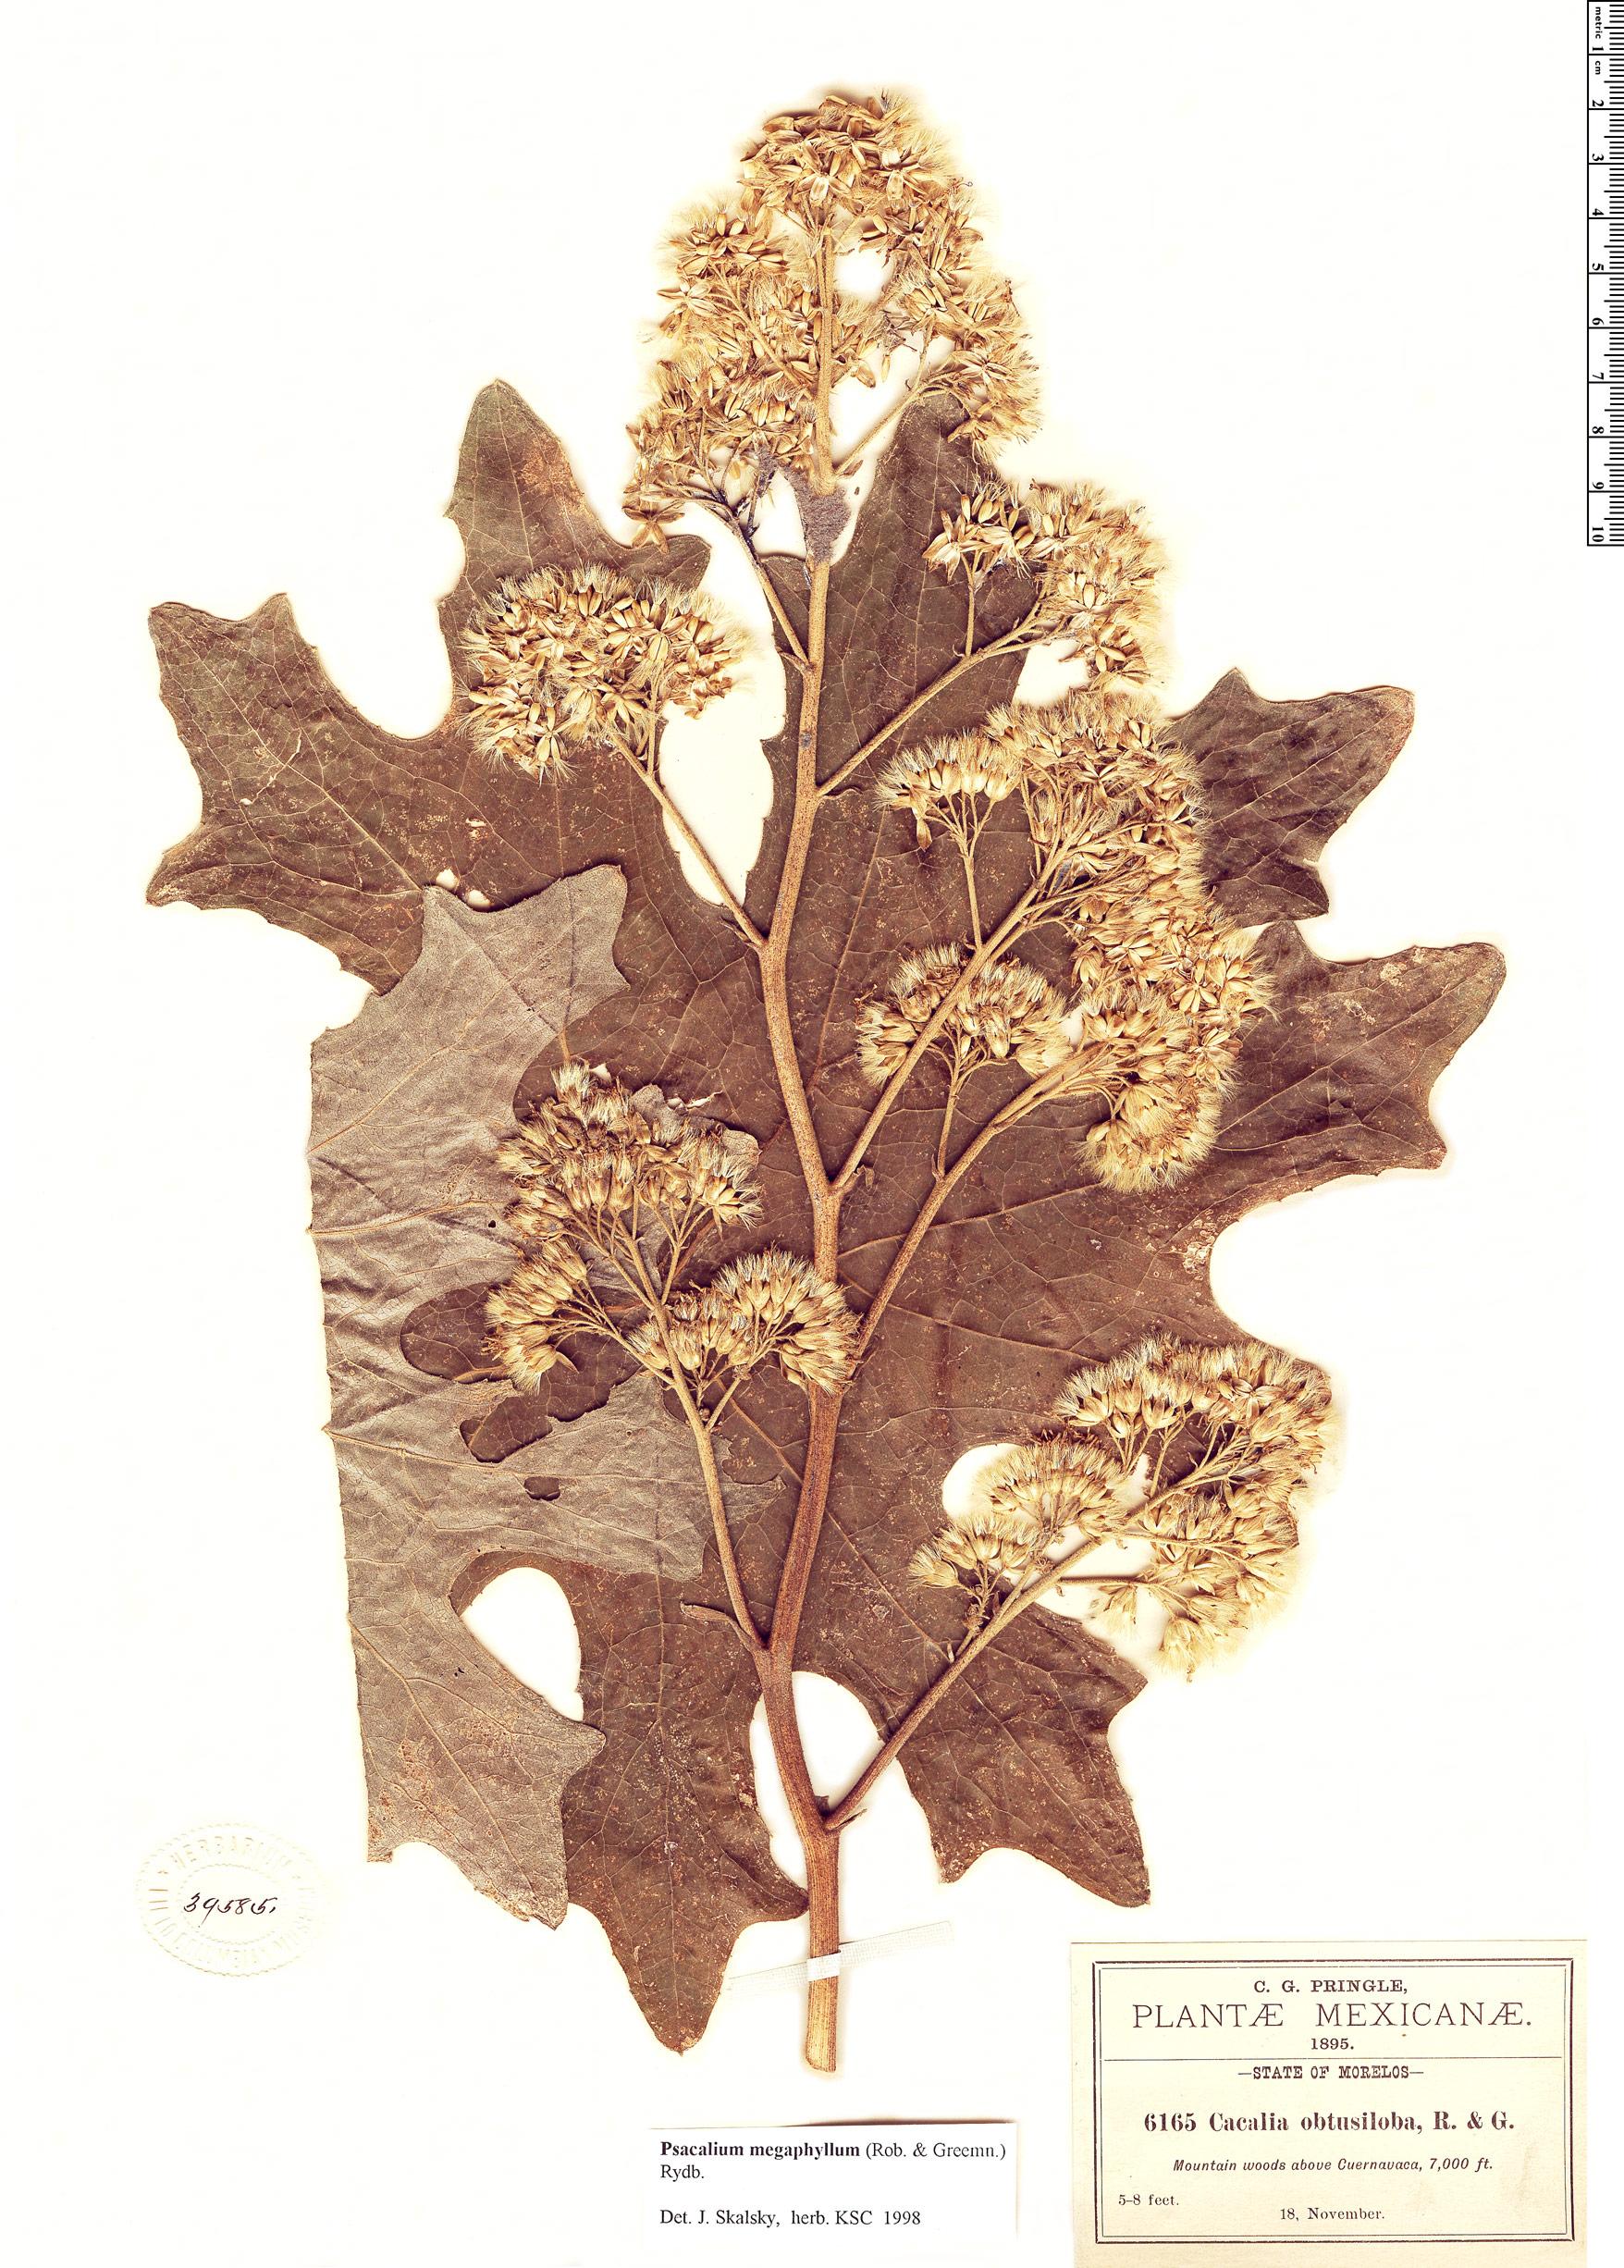 Specimen: Psacalium megaphyllum